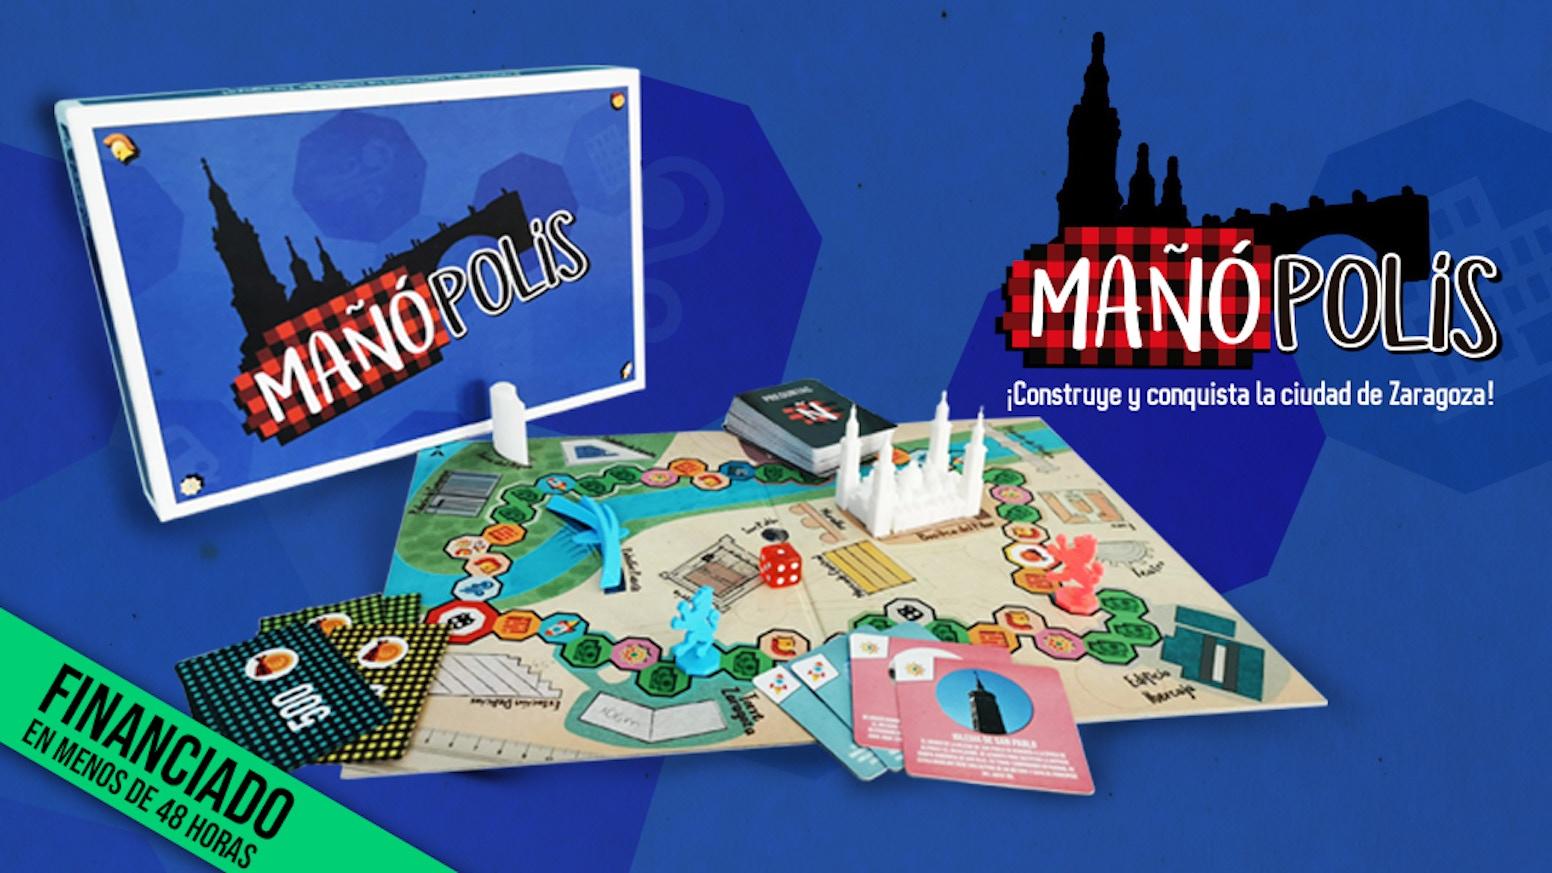 Mañópolis, el juego de mesa inspirado en la historia de Zaragoza. ¿Serás capaz de edificar y conquistar la ciudad al completo?